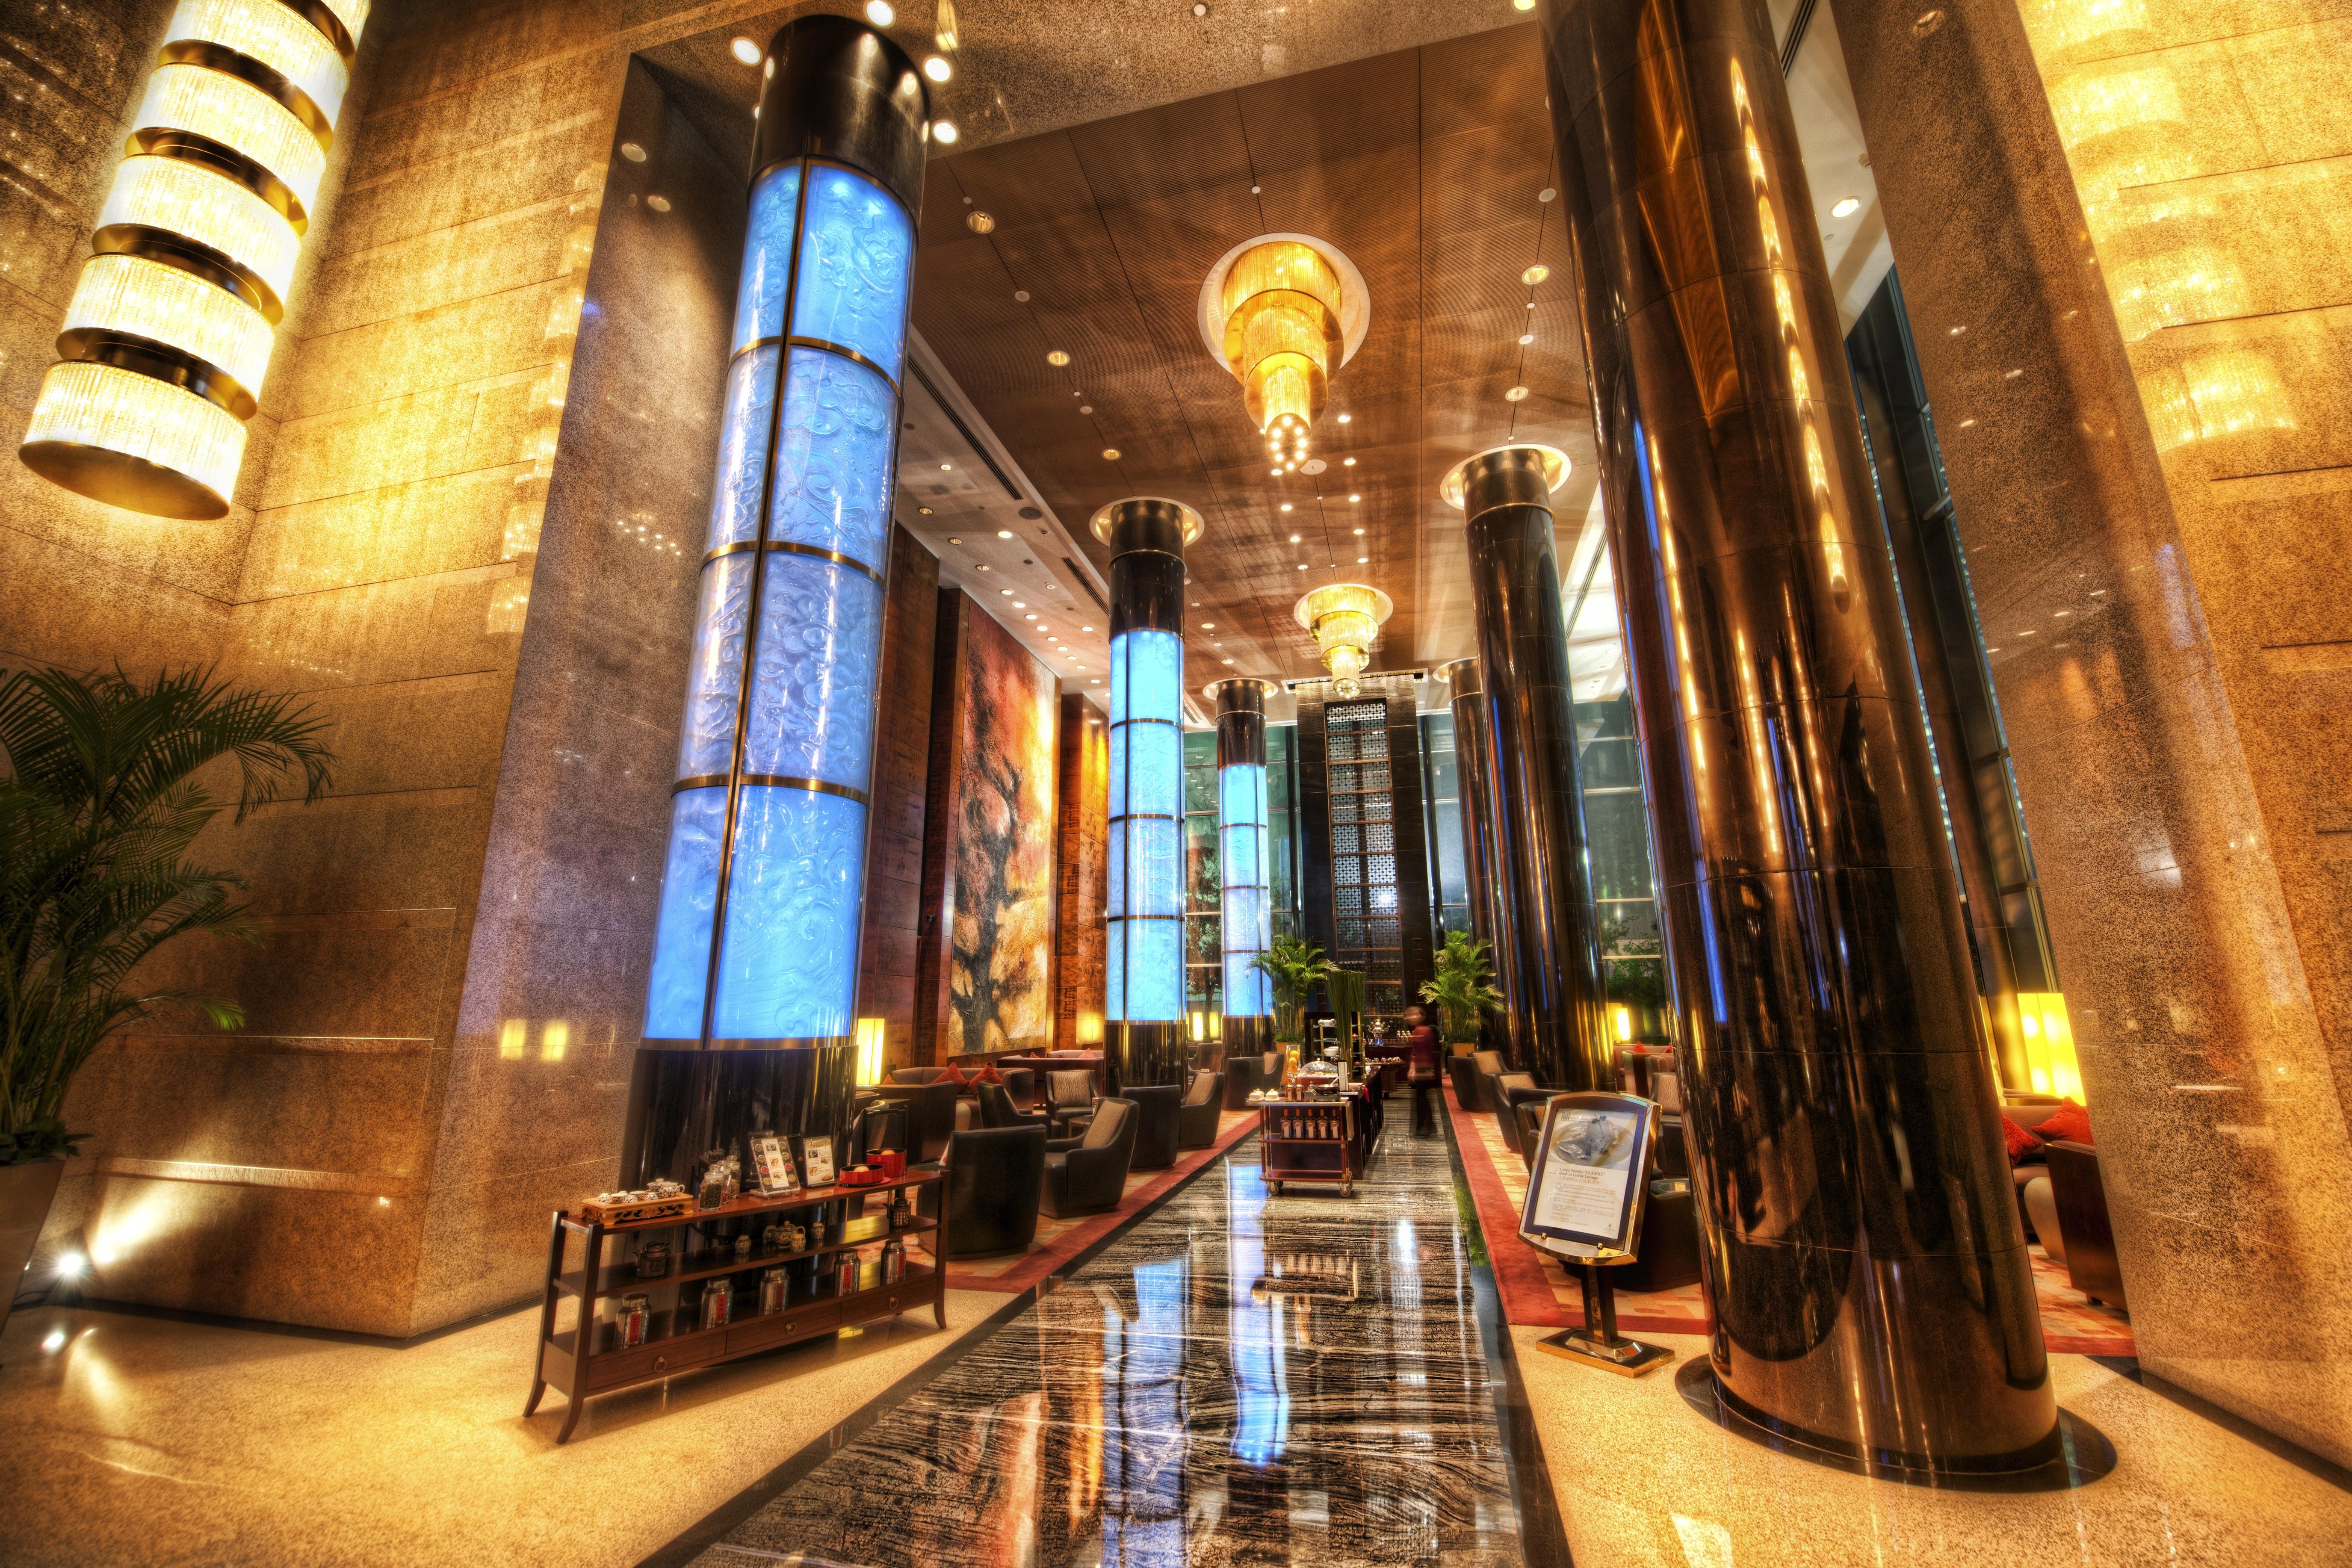 Stehlen Modern hintergrundbilder stadt die architektur cyberpunk asien wasser